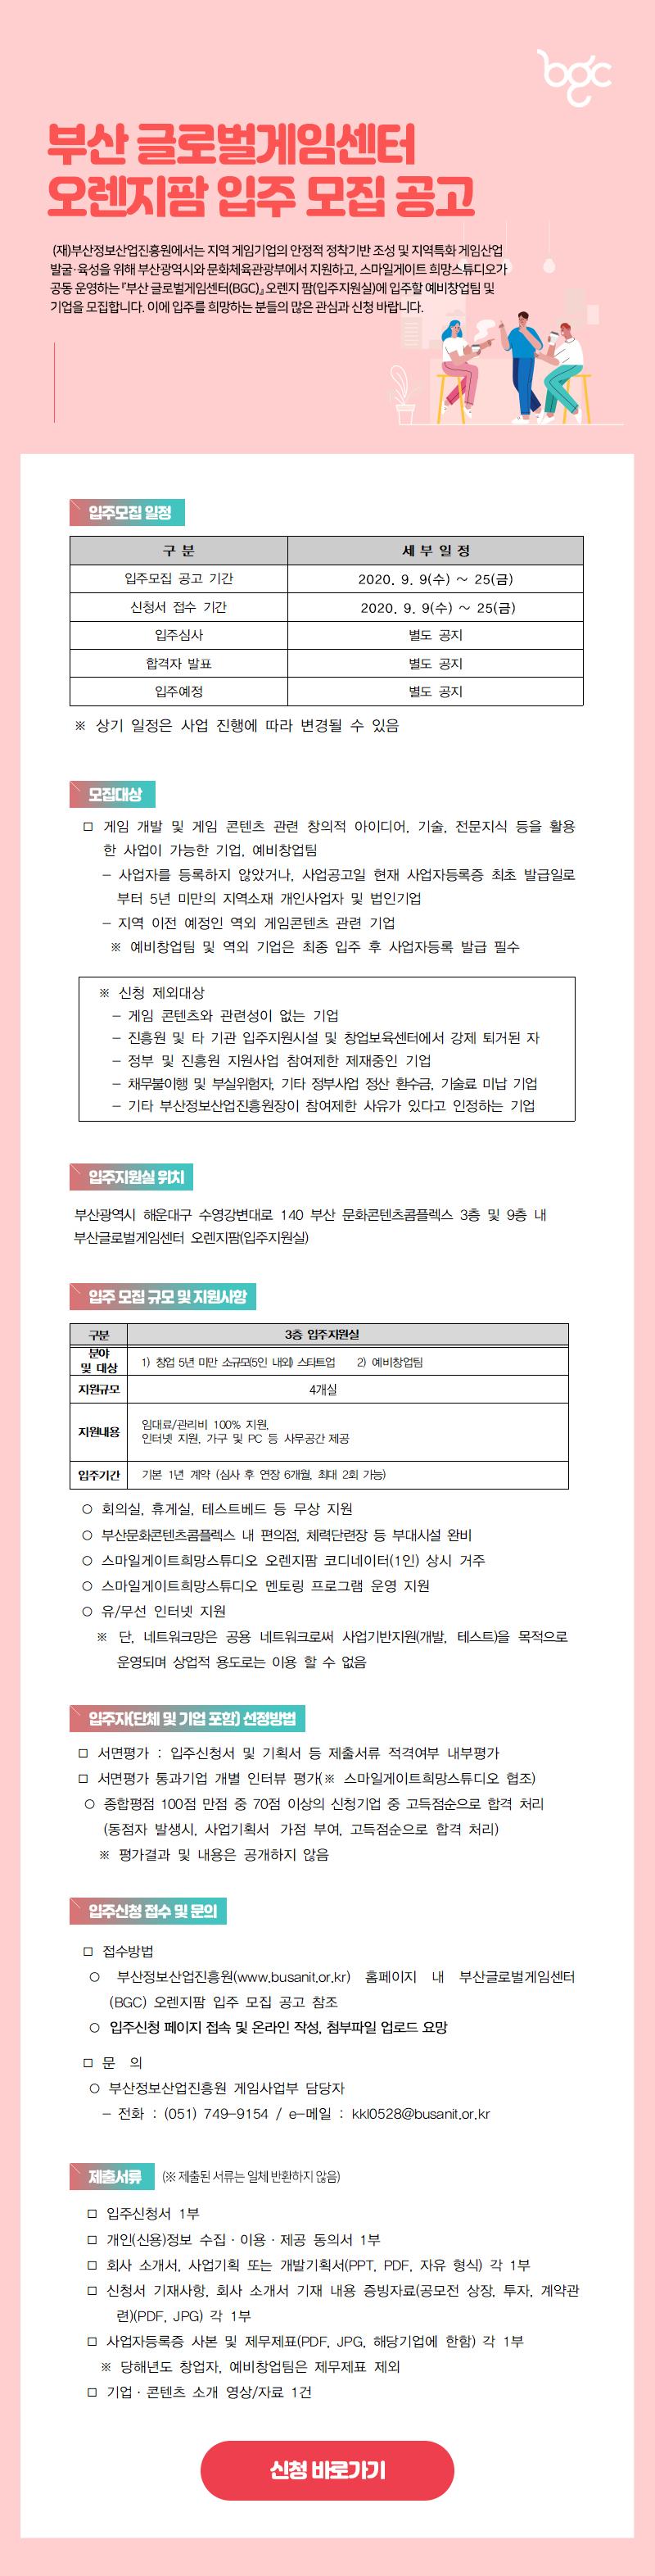 부산글로벌게임센터 오렌지팜 입주모집 공고